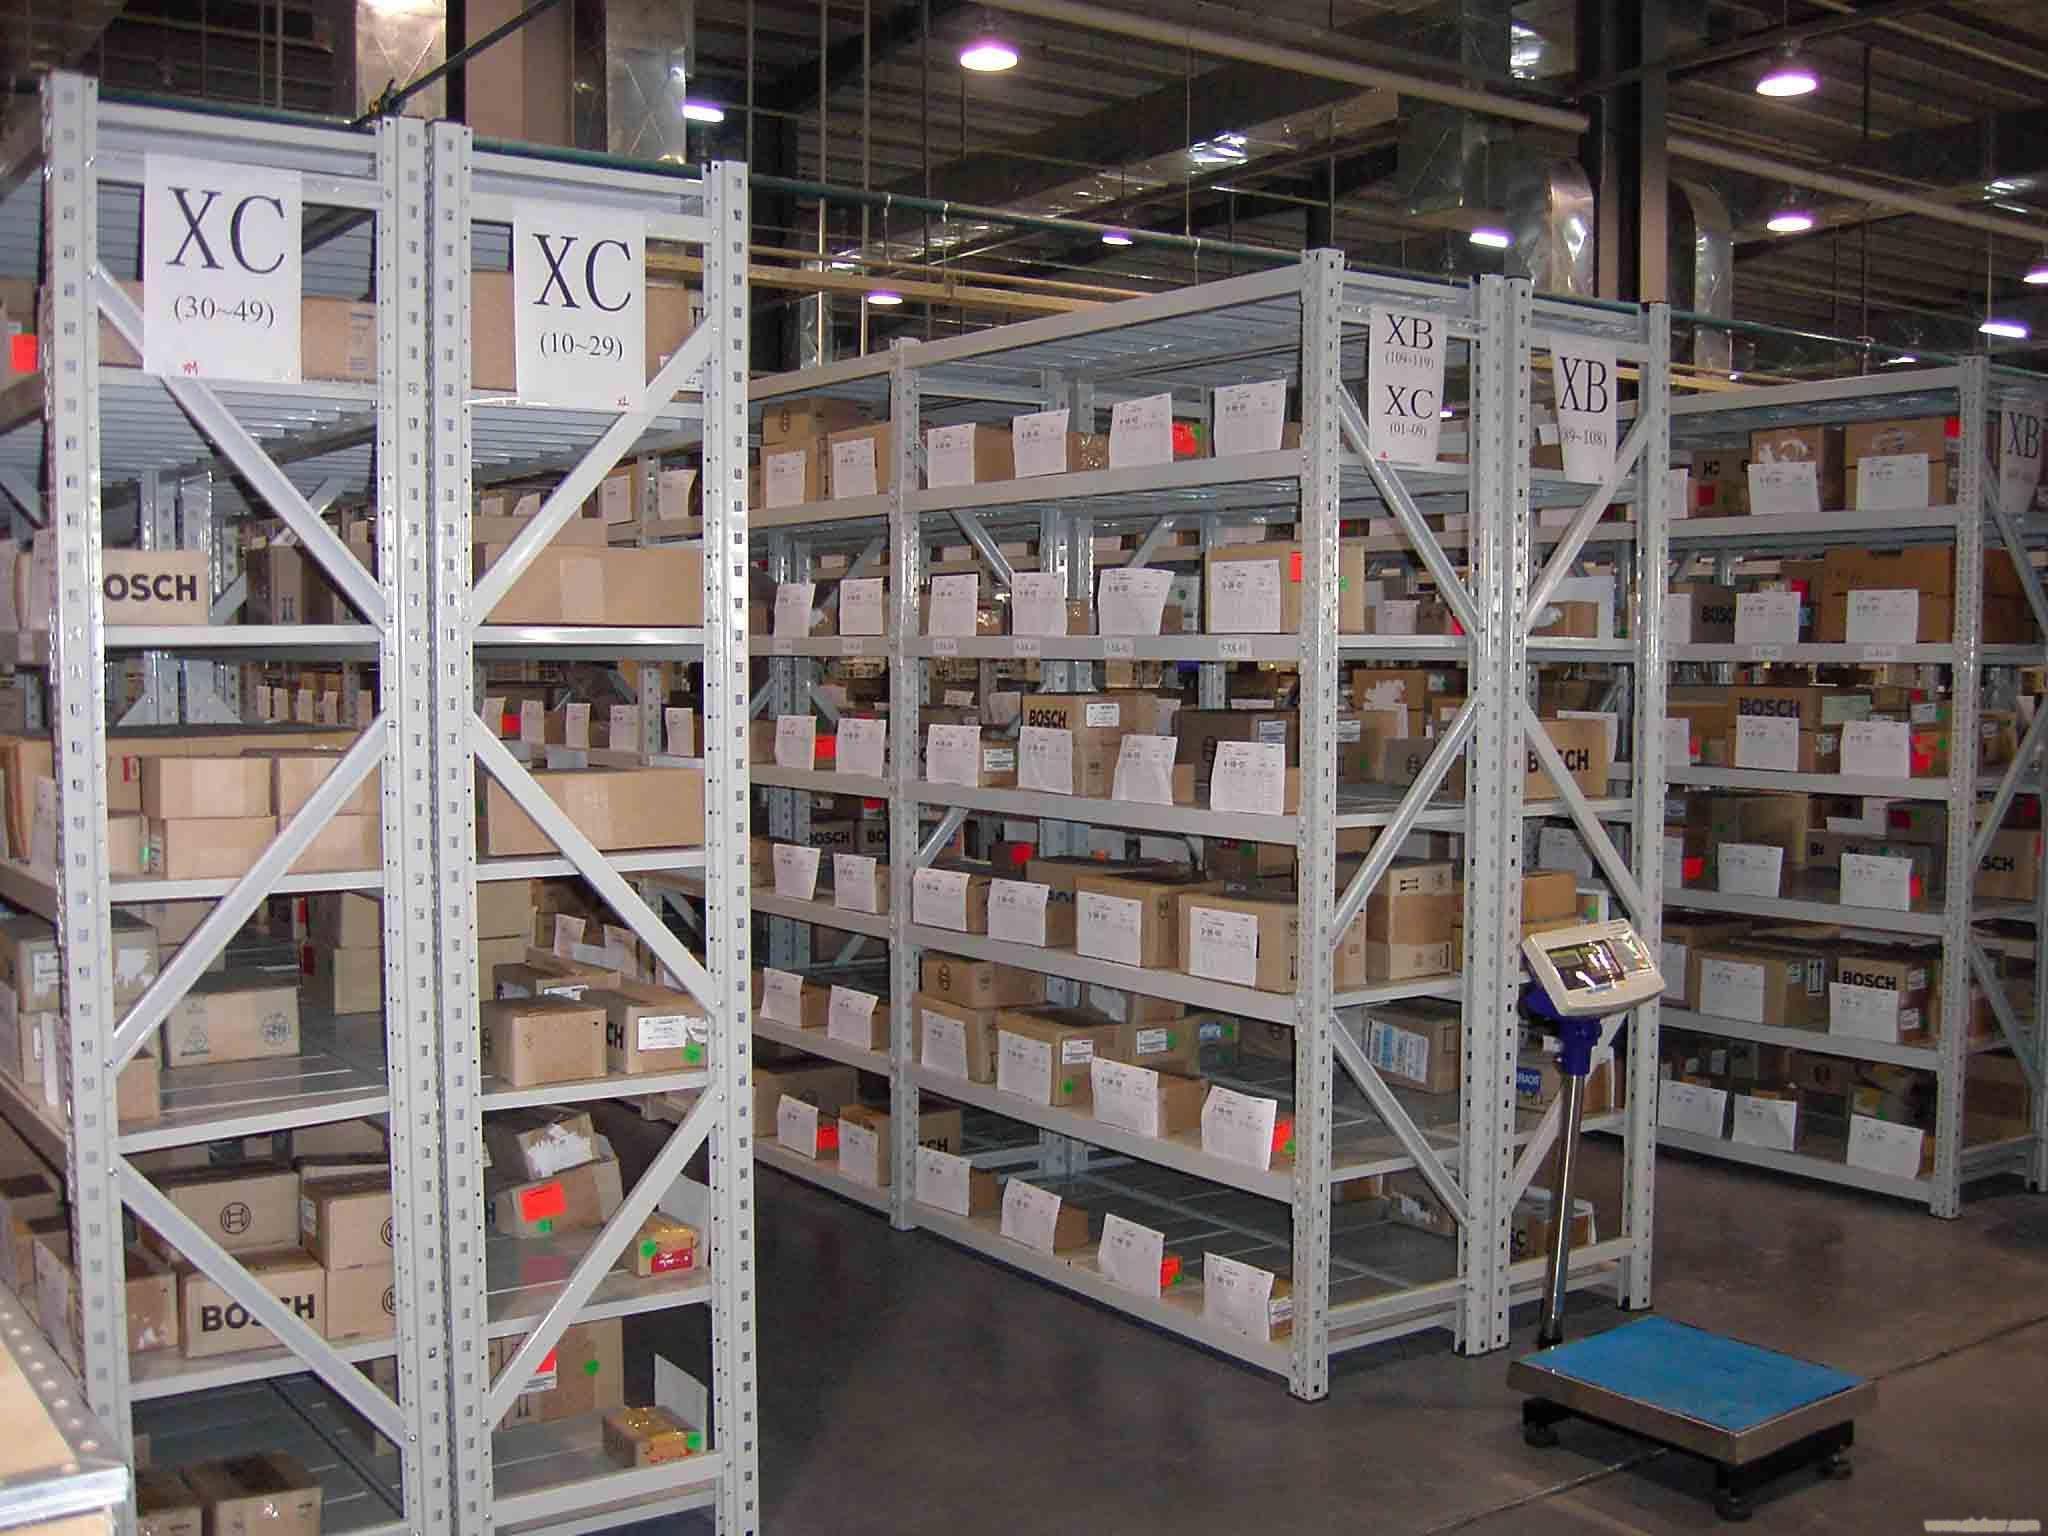 层板仓储货架需要进行哪些维护和检查工作